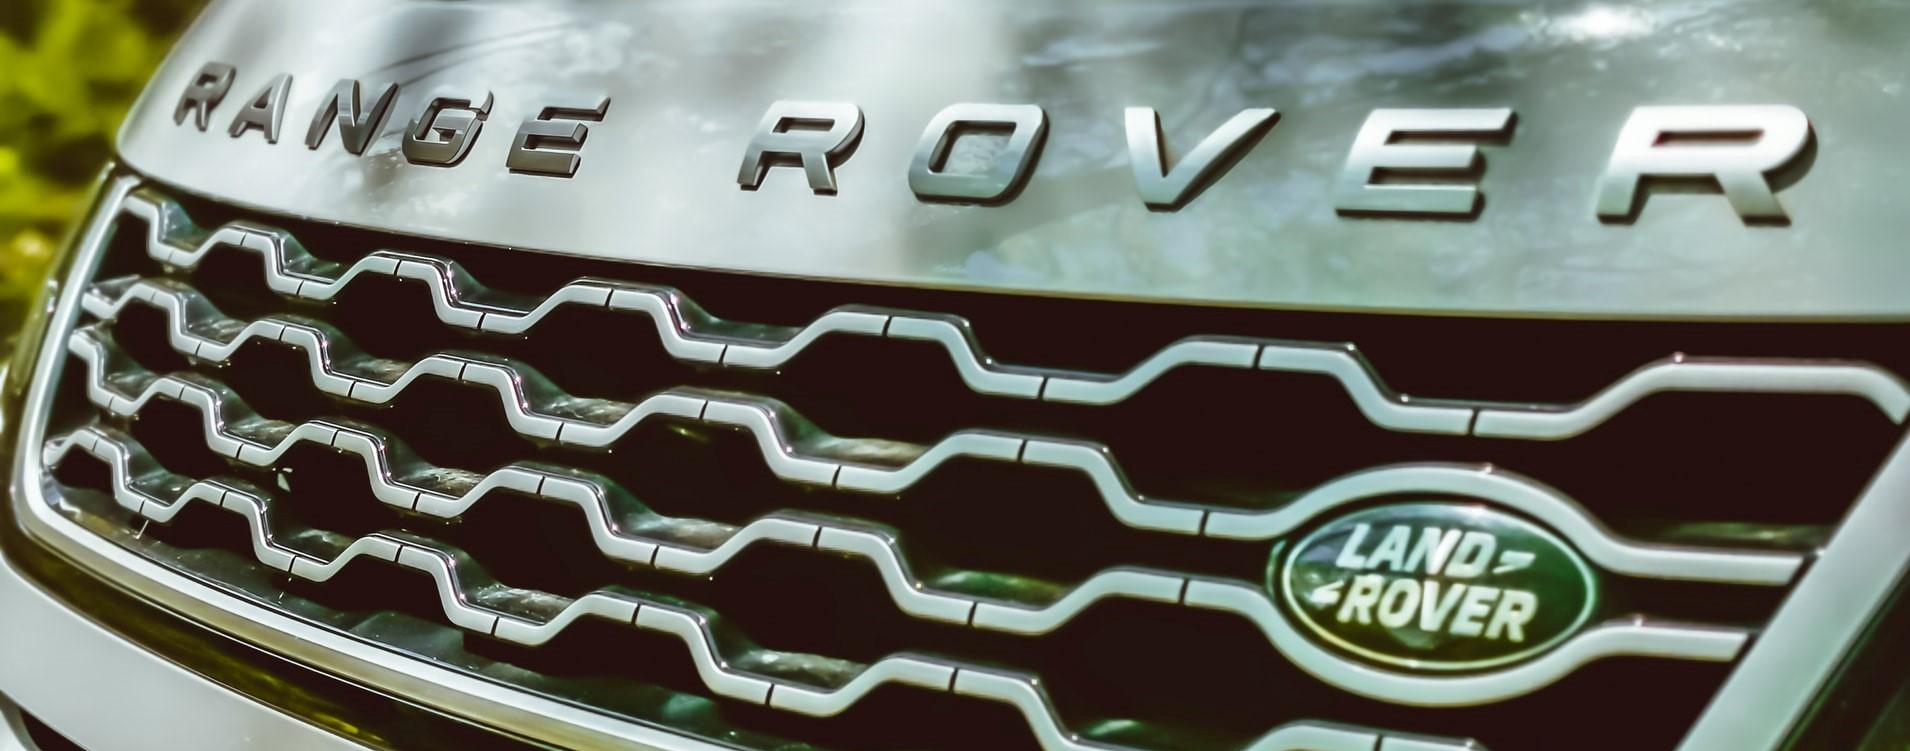 Range Rover 2022 Sport SVR Ultimate Edition Gets SV Treatment